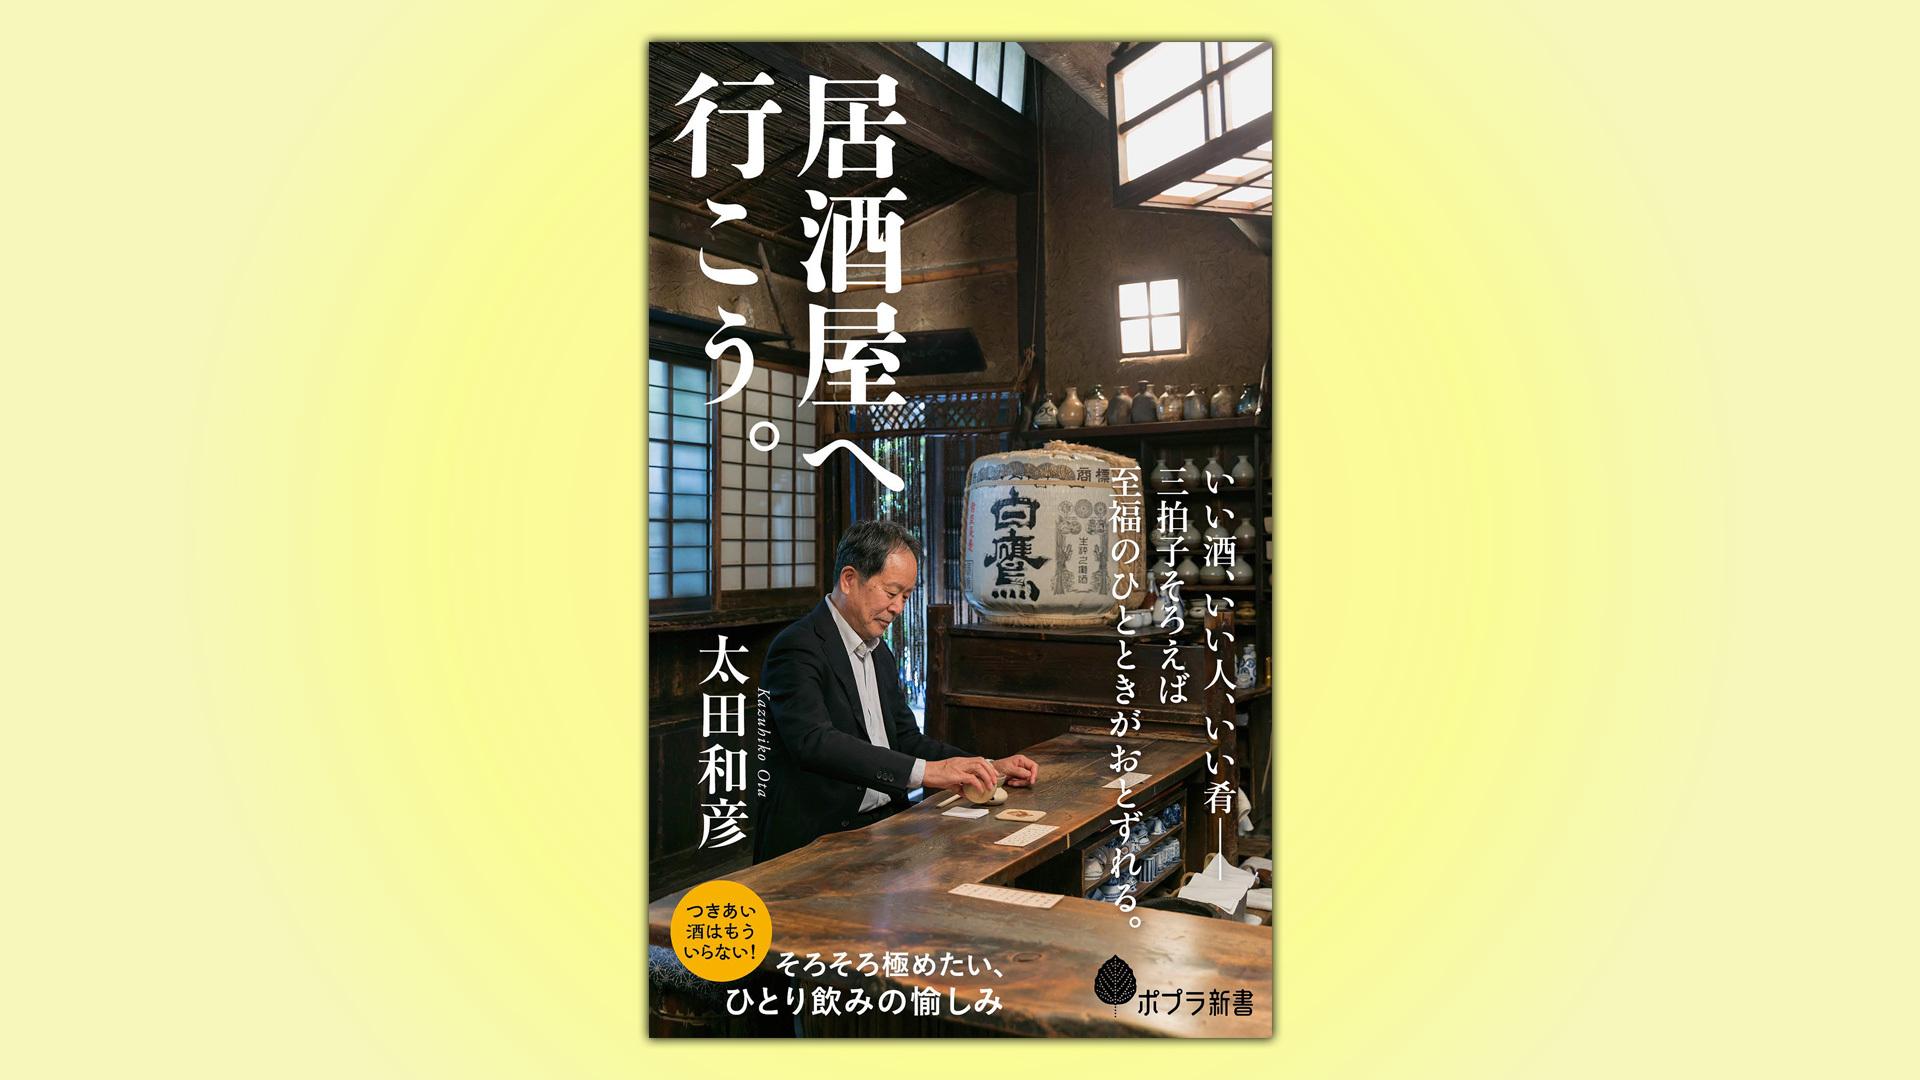 太田和彦著「居酒屋へ行こう。」(ポプラ新書)